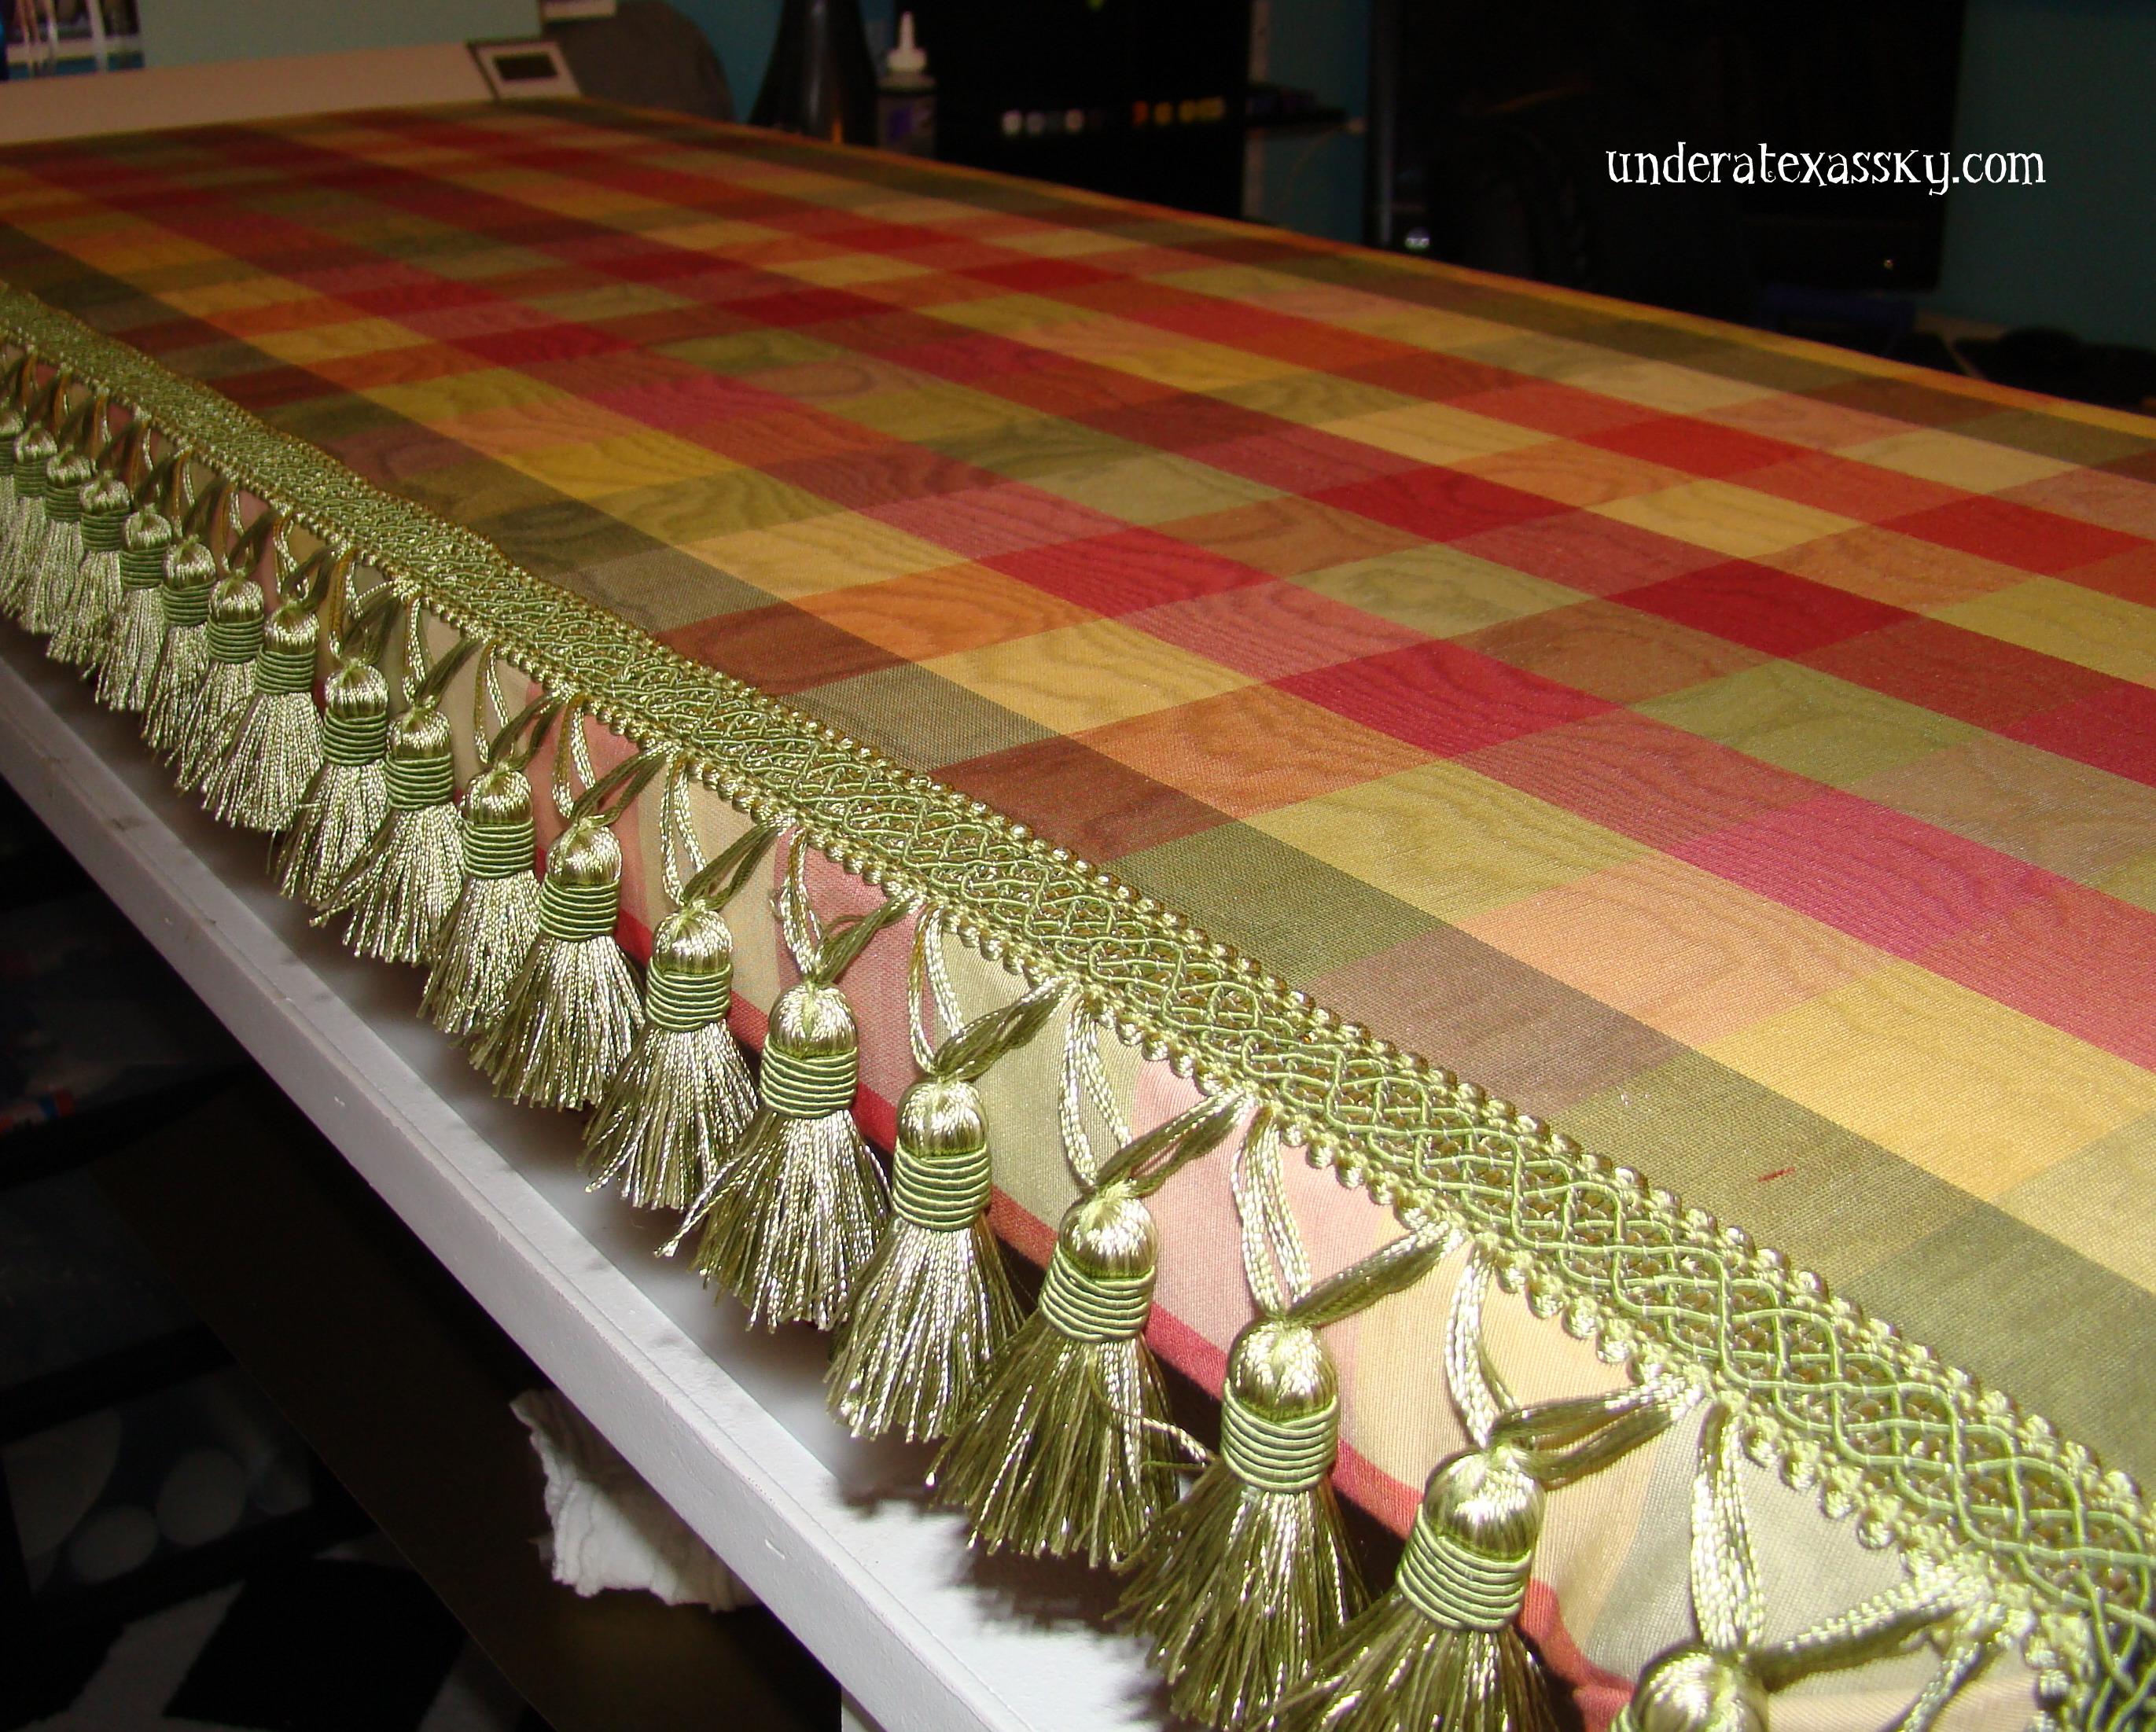 cornice boards from foam insulation board - Cornice Board